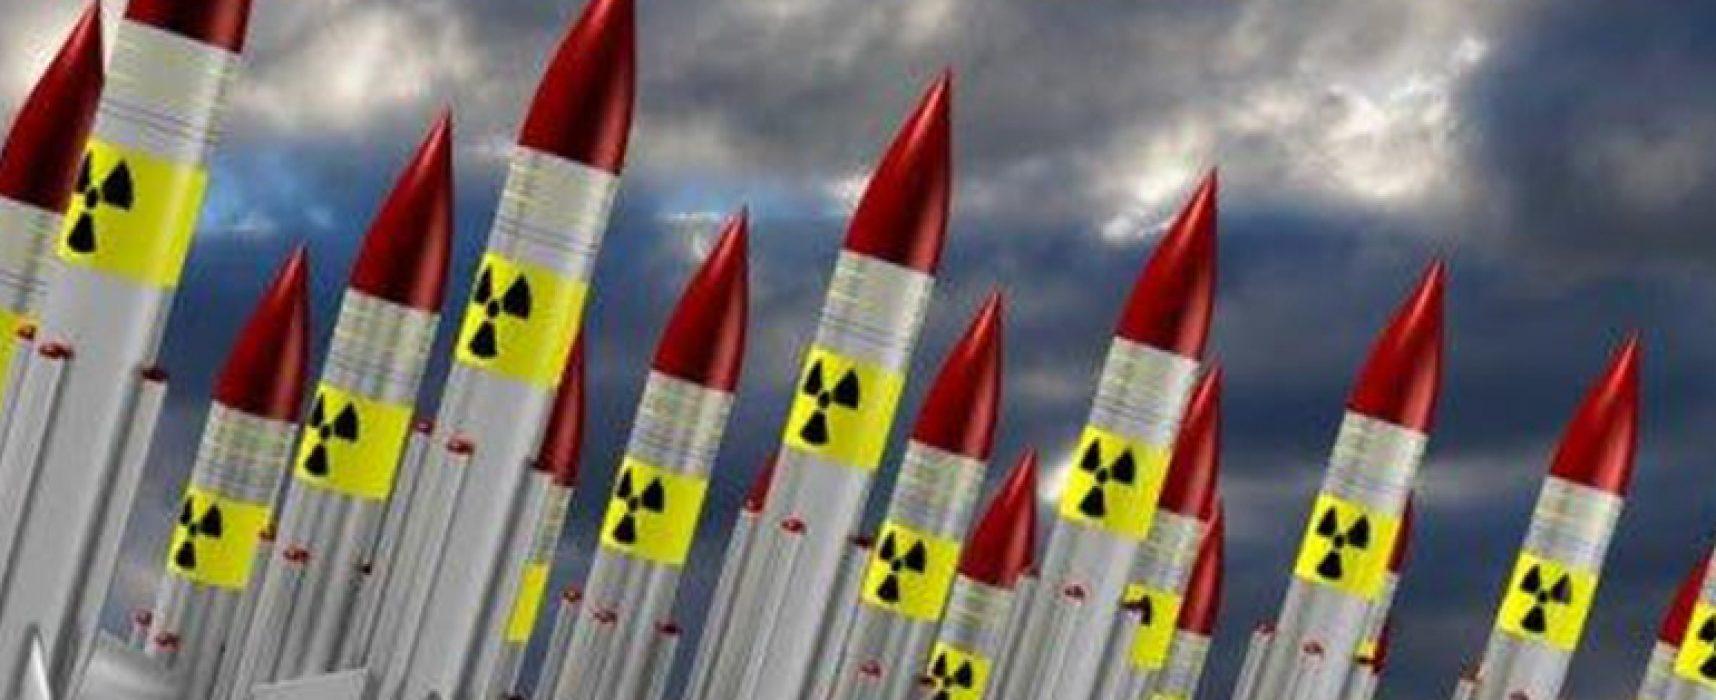 Фейк: на територията на България ще бъде разположено ядрено оръжие на НАТО